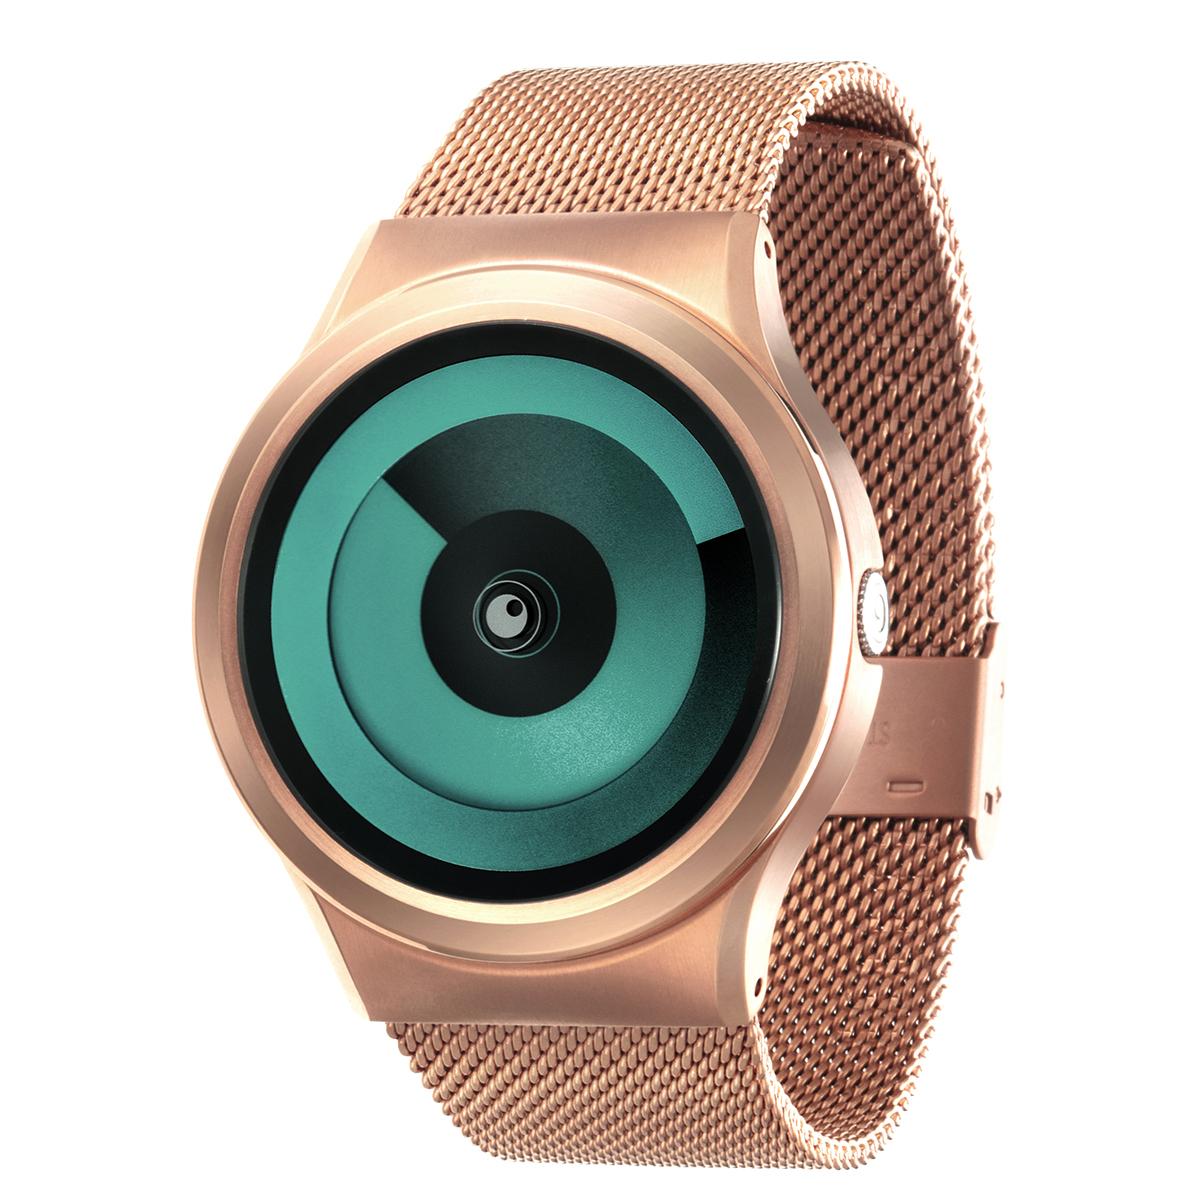 ファッションウォッチ デザインウォッチ 5ATM メーカー保障12ヶ月 特別セール品 ベルト調整用工具 LOGO入りクロス 取扱説明書 ZIIIROとは関係ありません ZEROOTIME ゼロタイム ZEROO SPIRAL ユニセックス W06018B05SM05 電池式クォーツ ゼロ グリーン メンズ GALAXY レディース デザイナーズ おしゃれ時計 ペア用 腕時計 新作通販